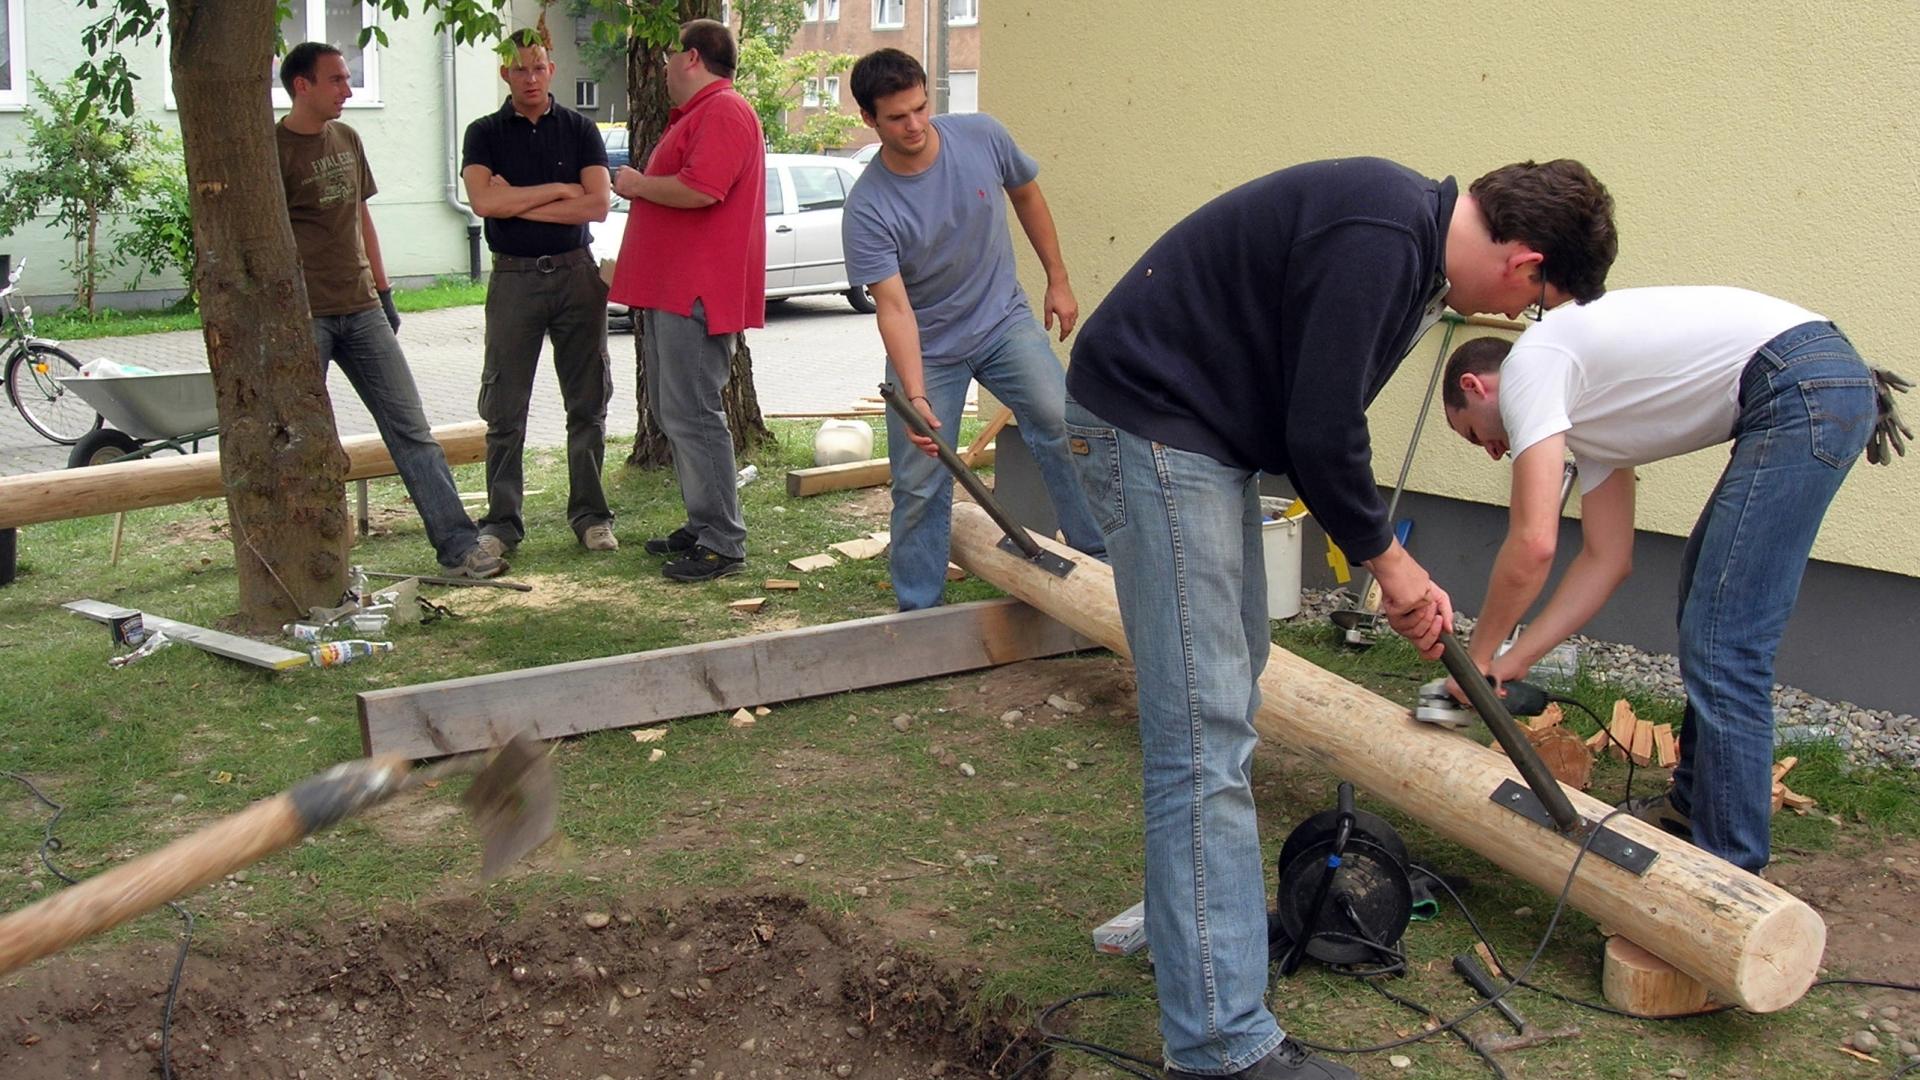 Make a difference day von KPMG Augsburg - Foto: Freiwilligen-Zentrum Augsburg